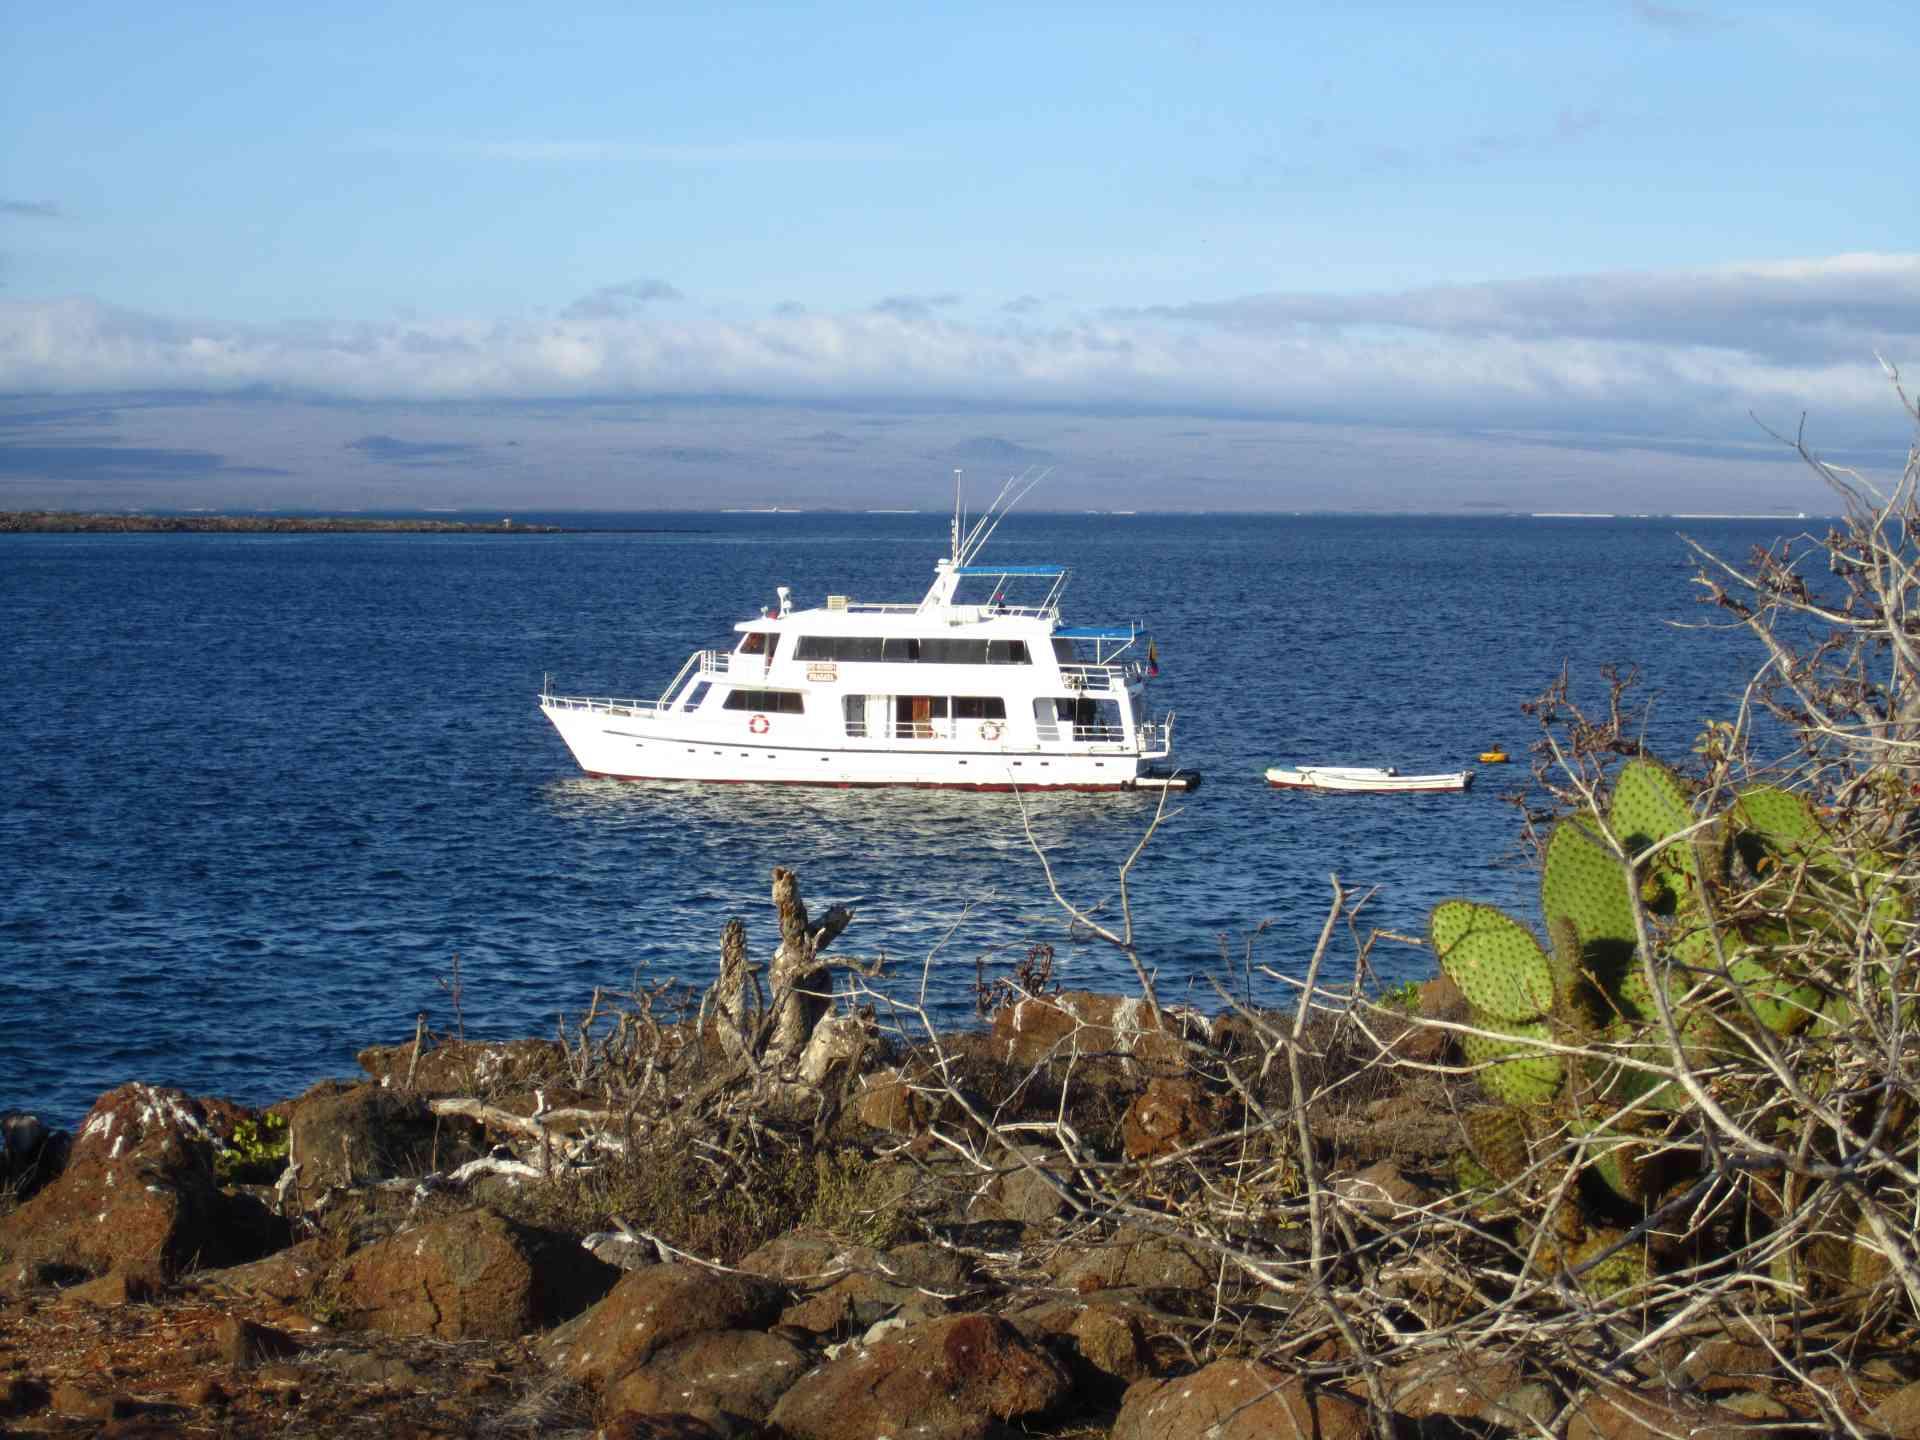 Fragata yacht sailing the Galapagos, Ecuador